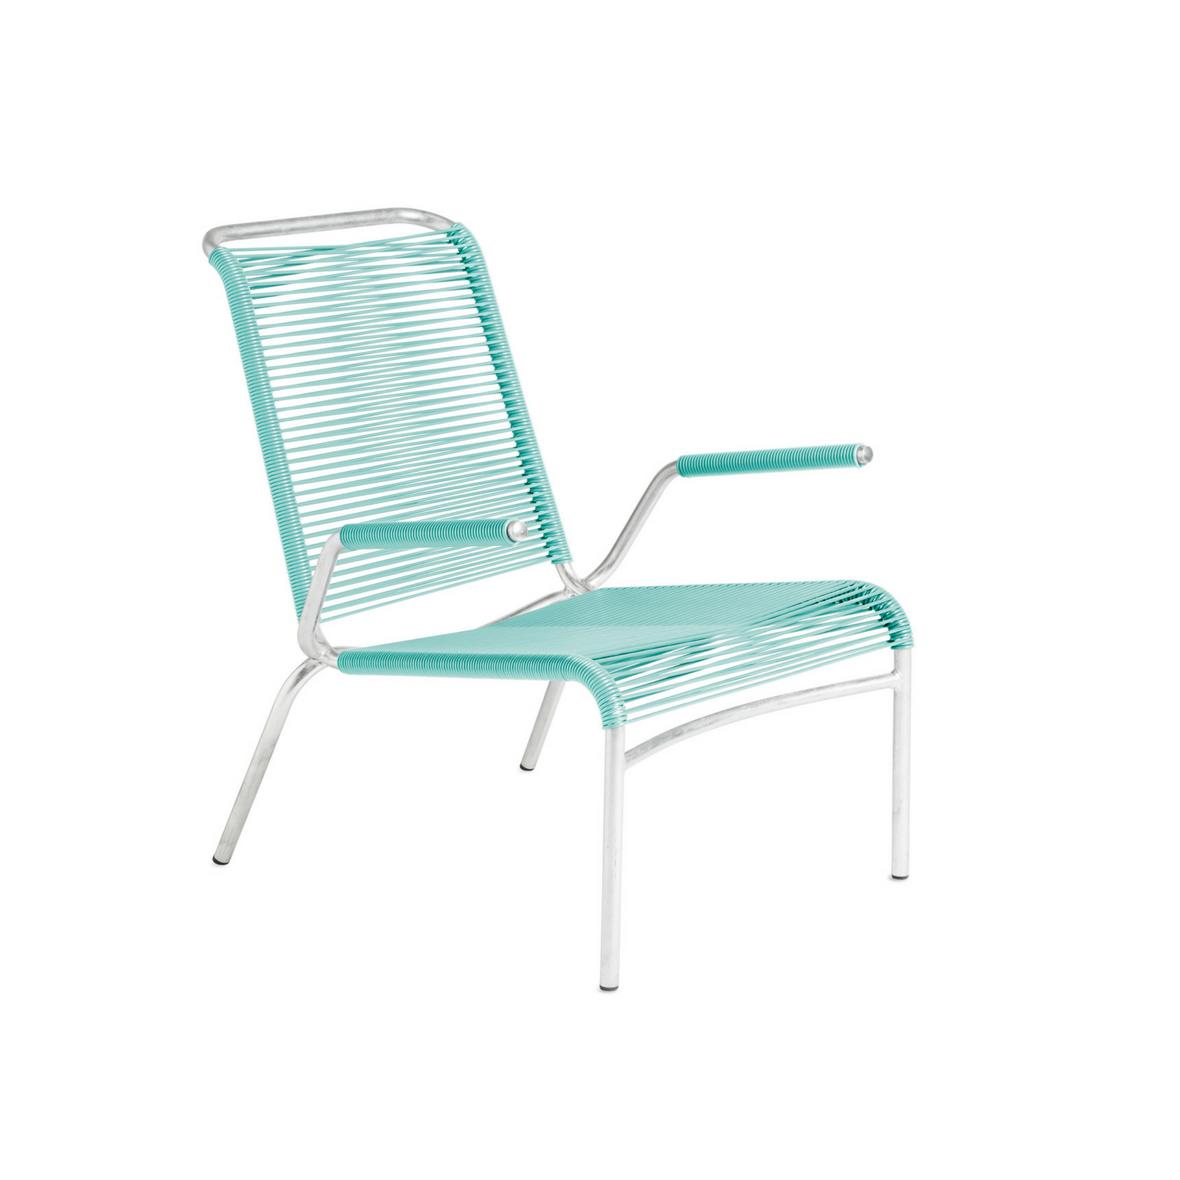 Altorfer Lounge Sessel 1142 mit Armlehne Lichtgrün von Embru